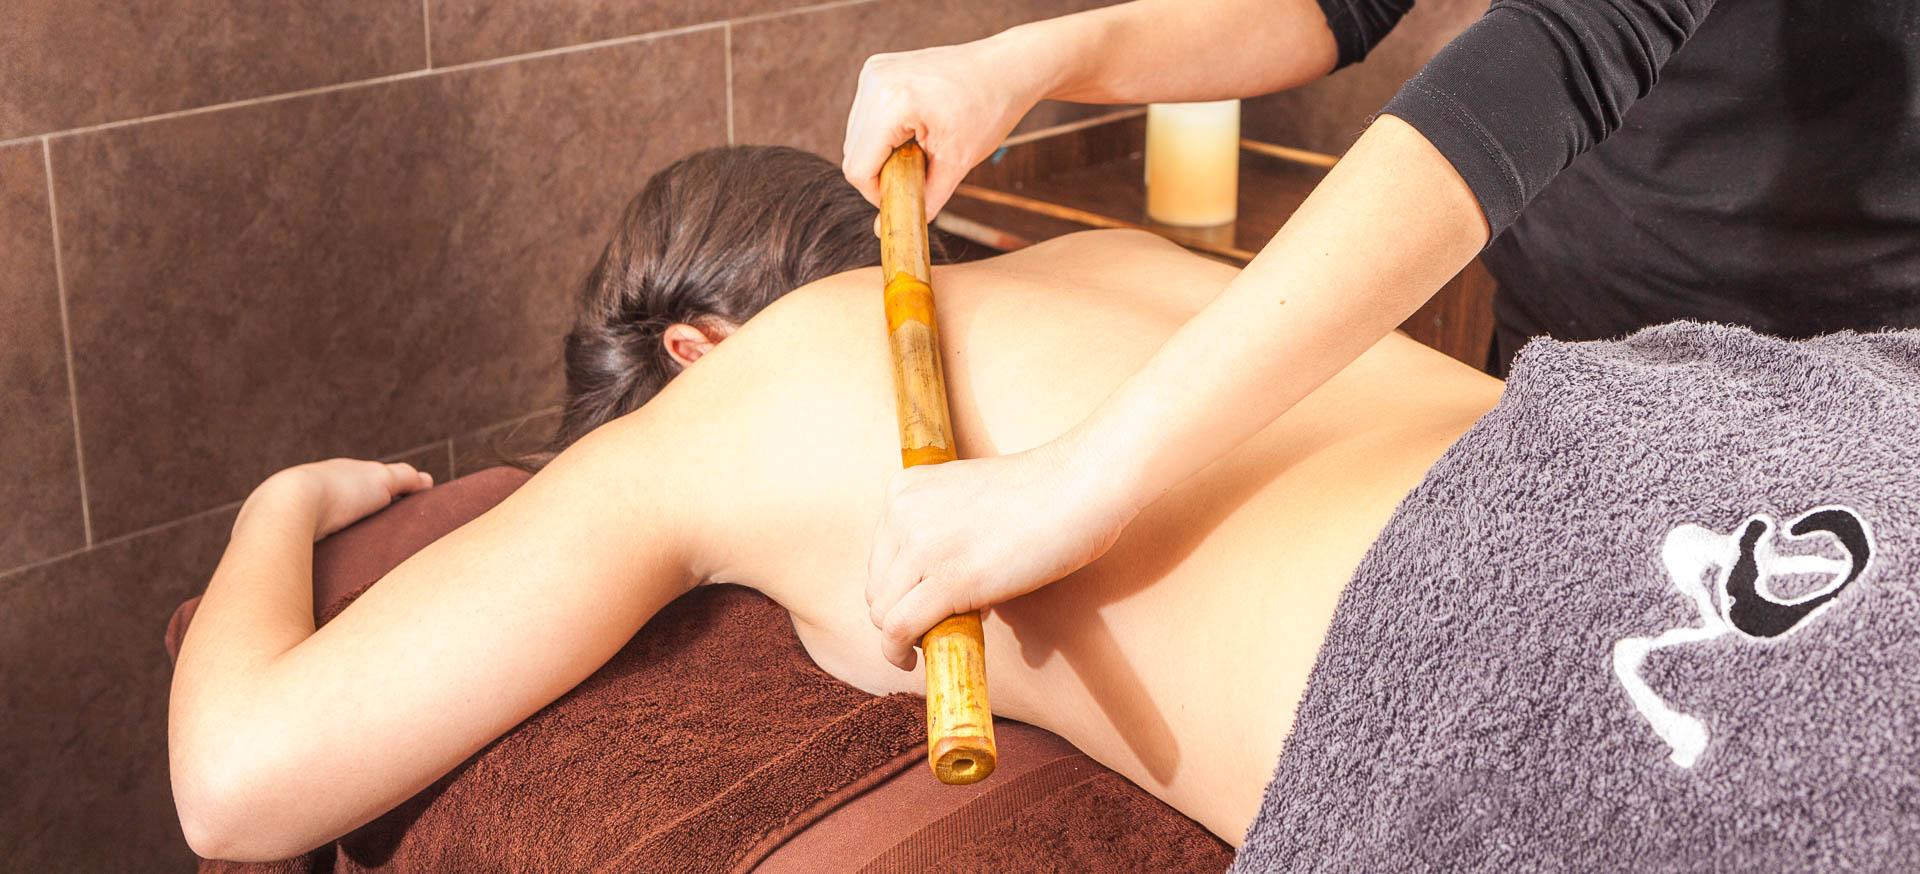 Masajes, Masaje, Relajación, Bienestar, Masaje relajante, masaje terapeutico, masaje adelgazante, Tratamientos corporales, Tratamiento corporal, tratamiento estetico, Tratamientos esteticos, LPG, Centro de Estética, Estetica Avanzada, Tratamientos de estetica, Atelier de estetica